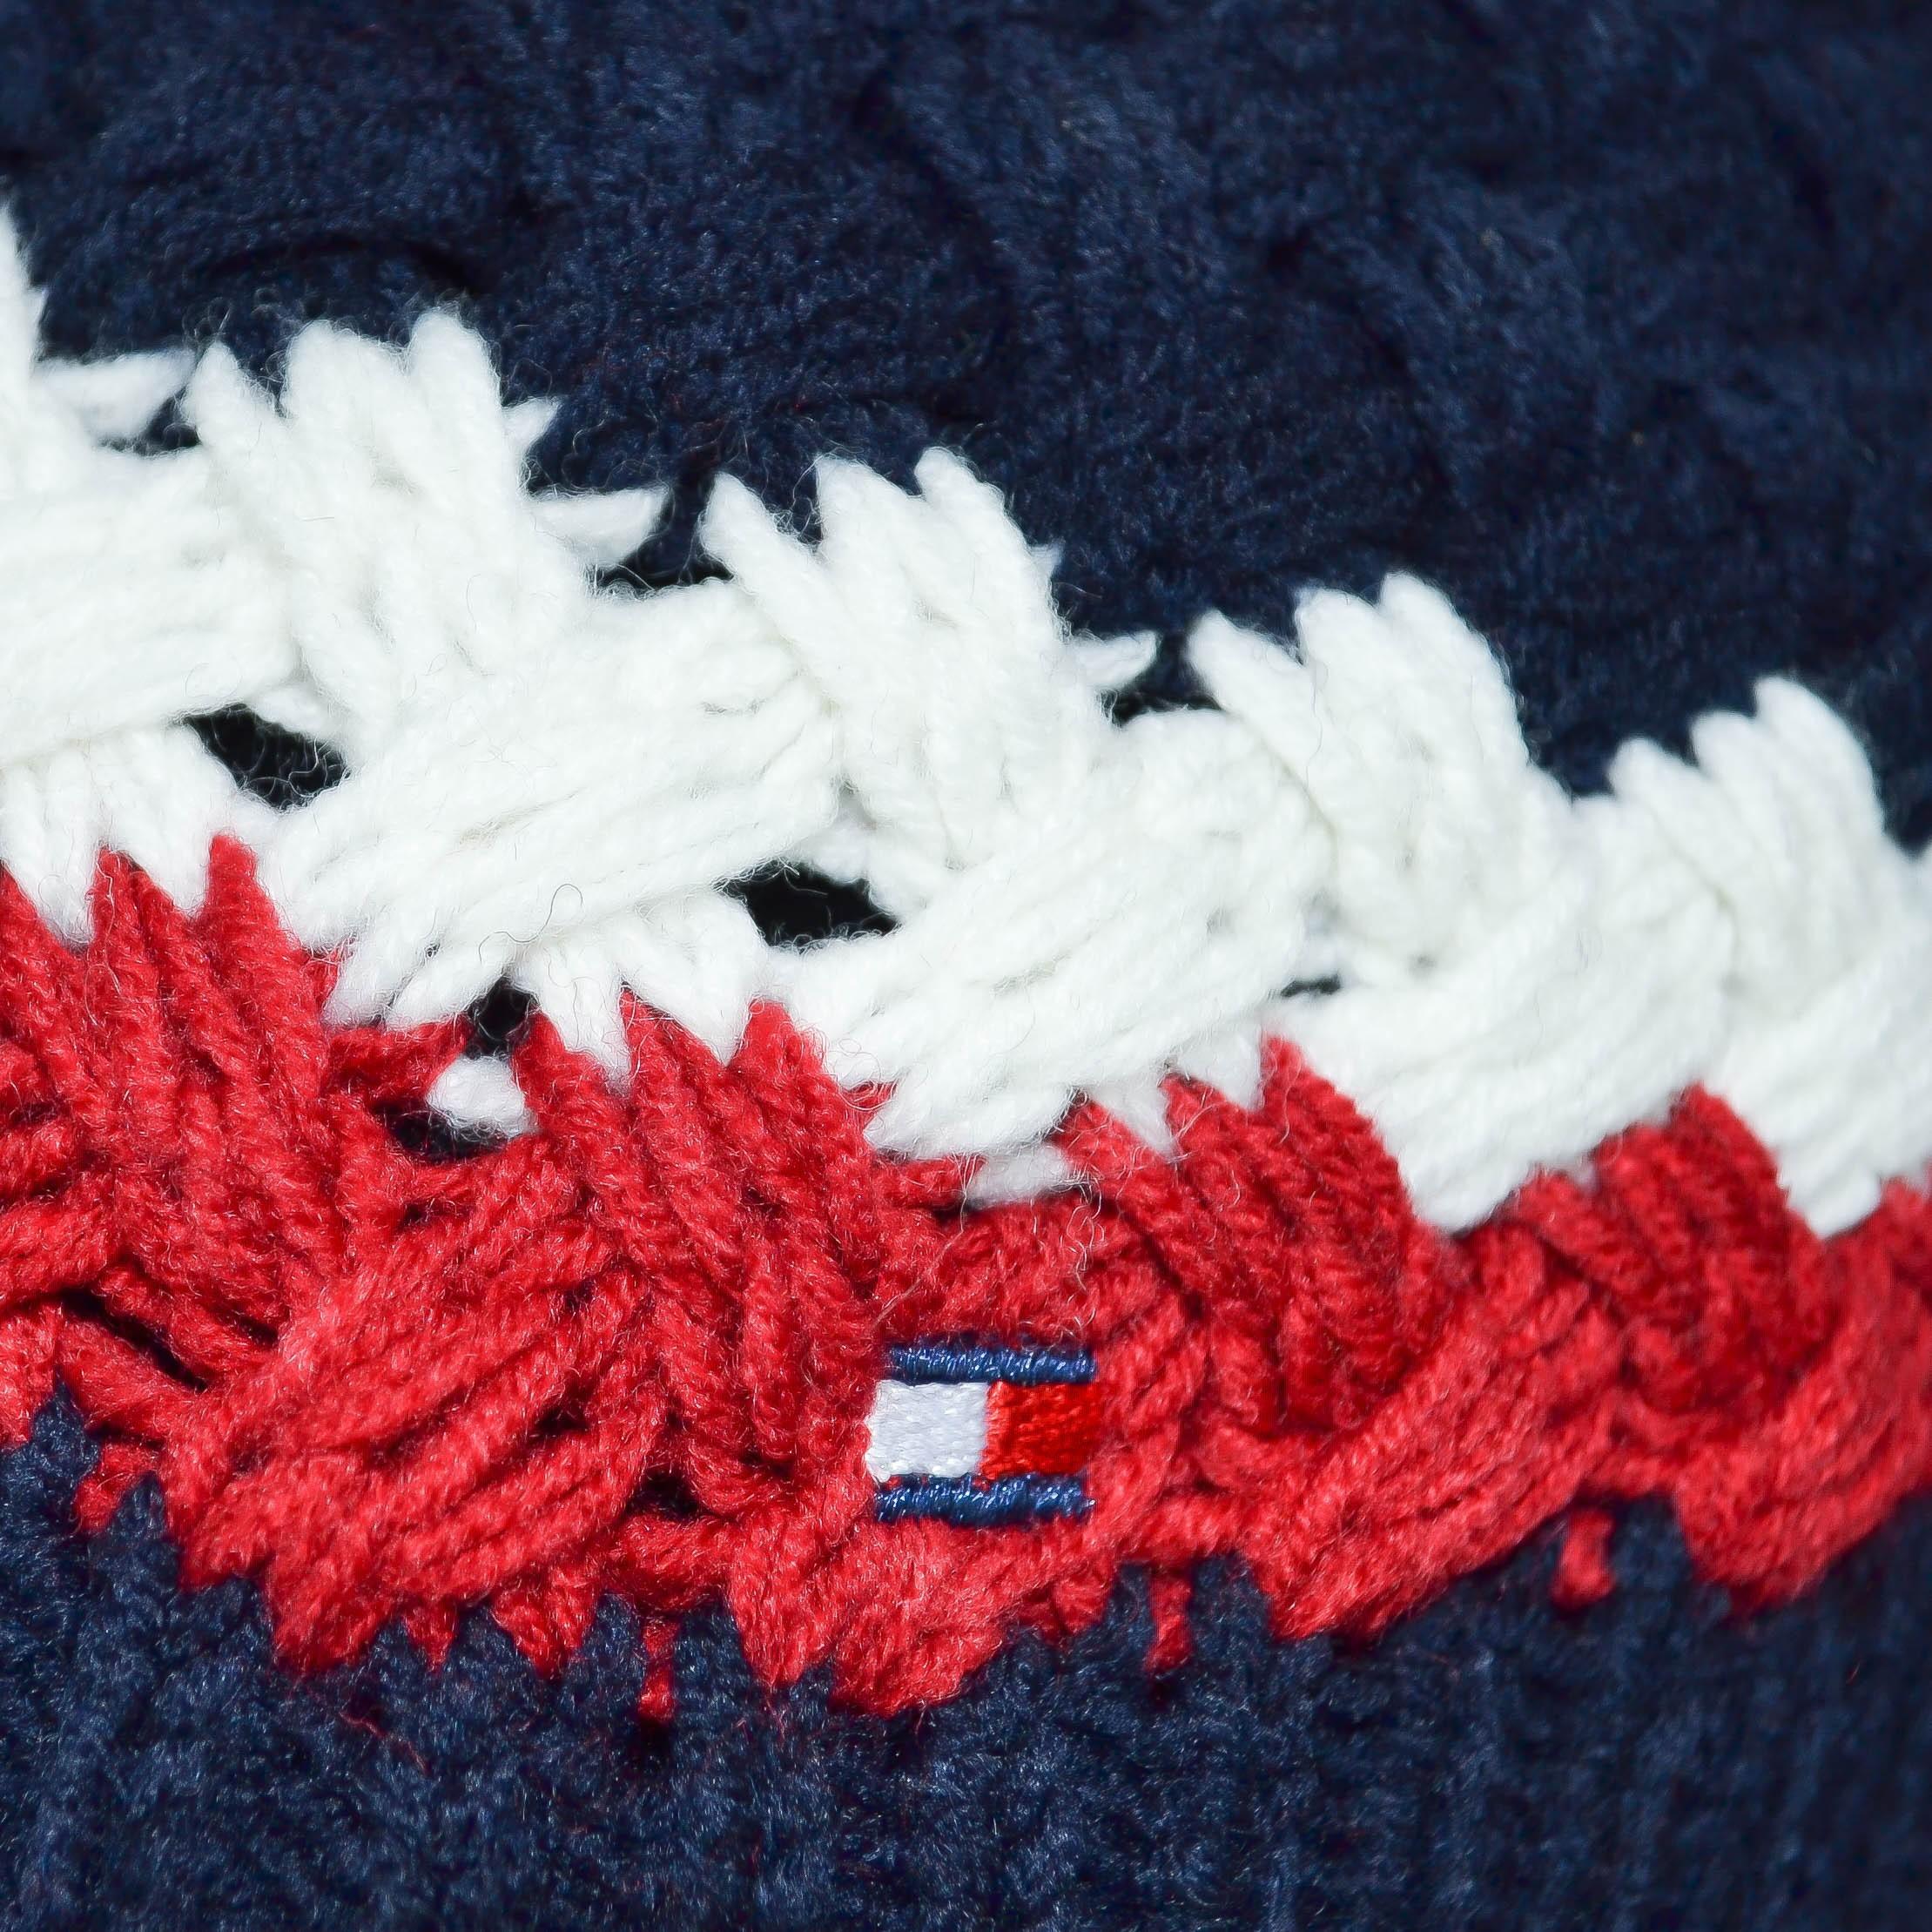 44ea4d506c1b Bonnet tricoté Tommy Hilfiger bleu marine en laine pour homme - Tou...